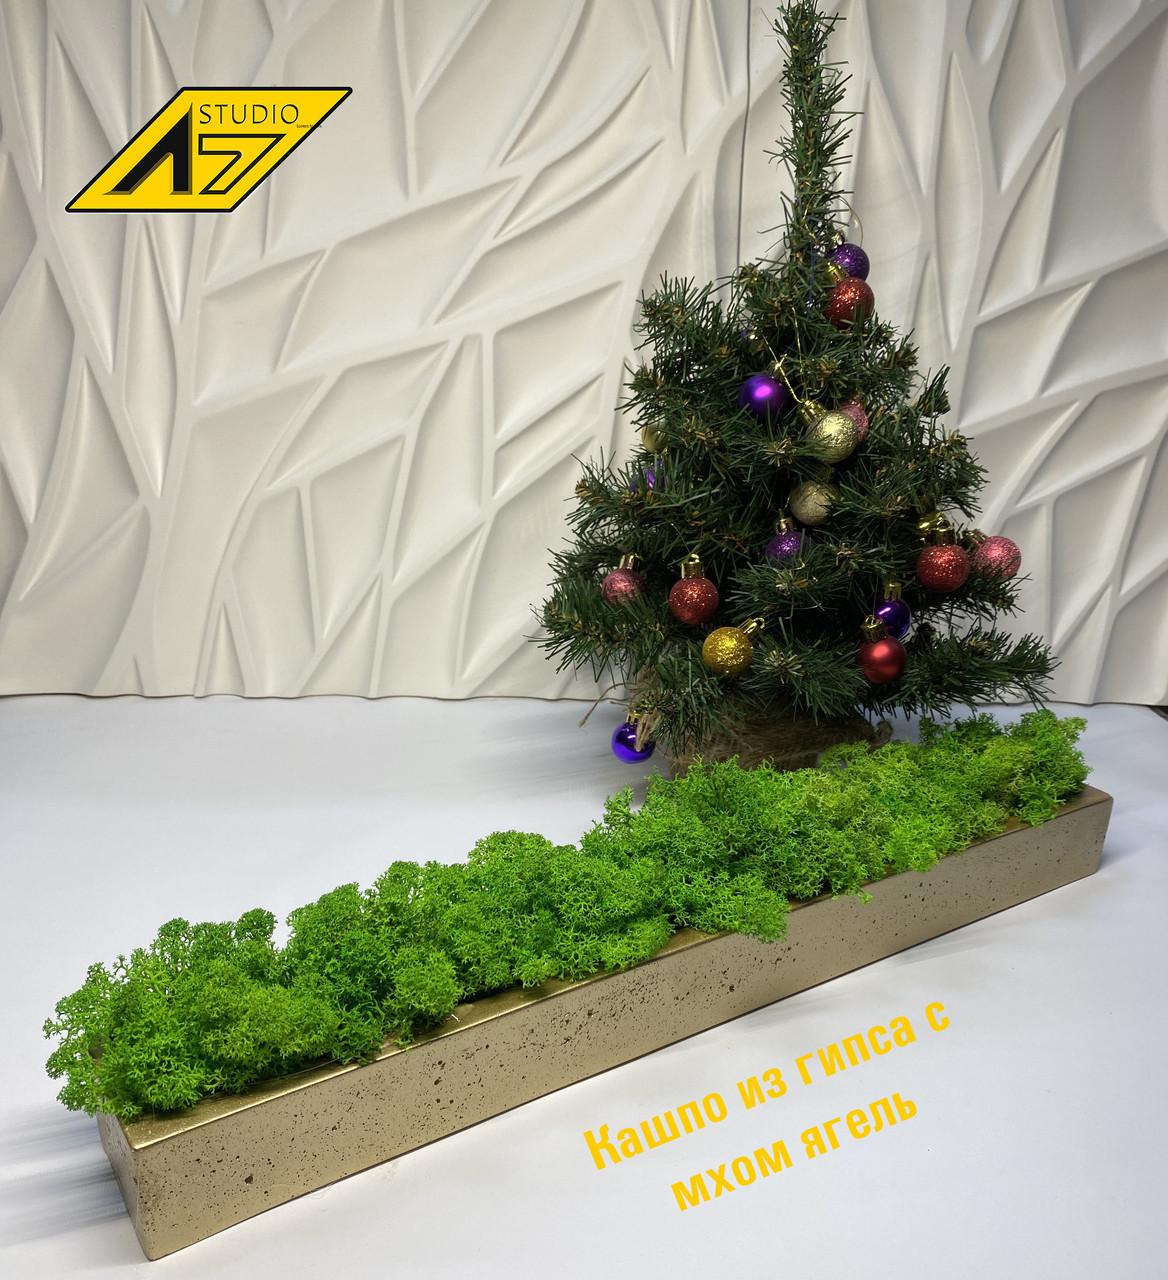 Стабилизированный мох в кашпо Gold-Green moss decor